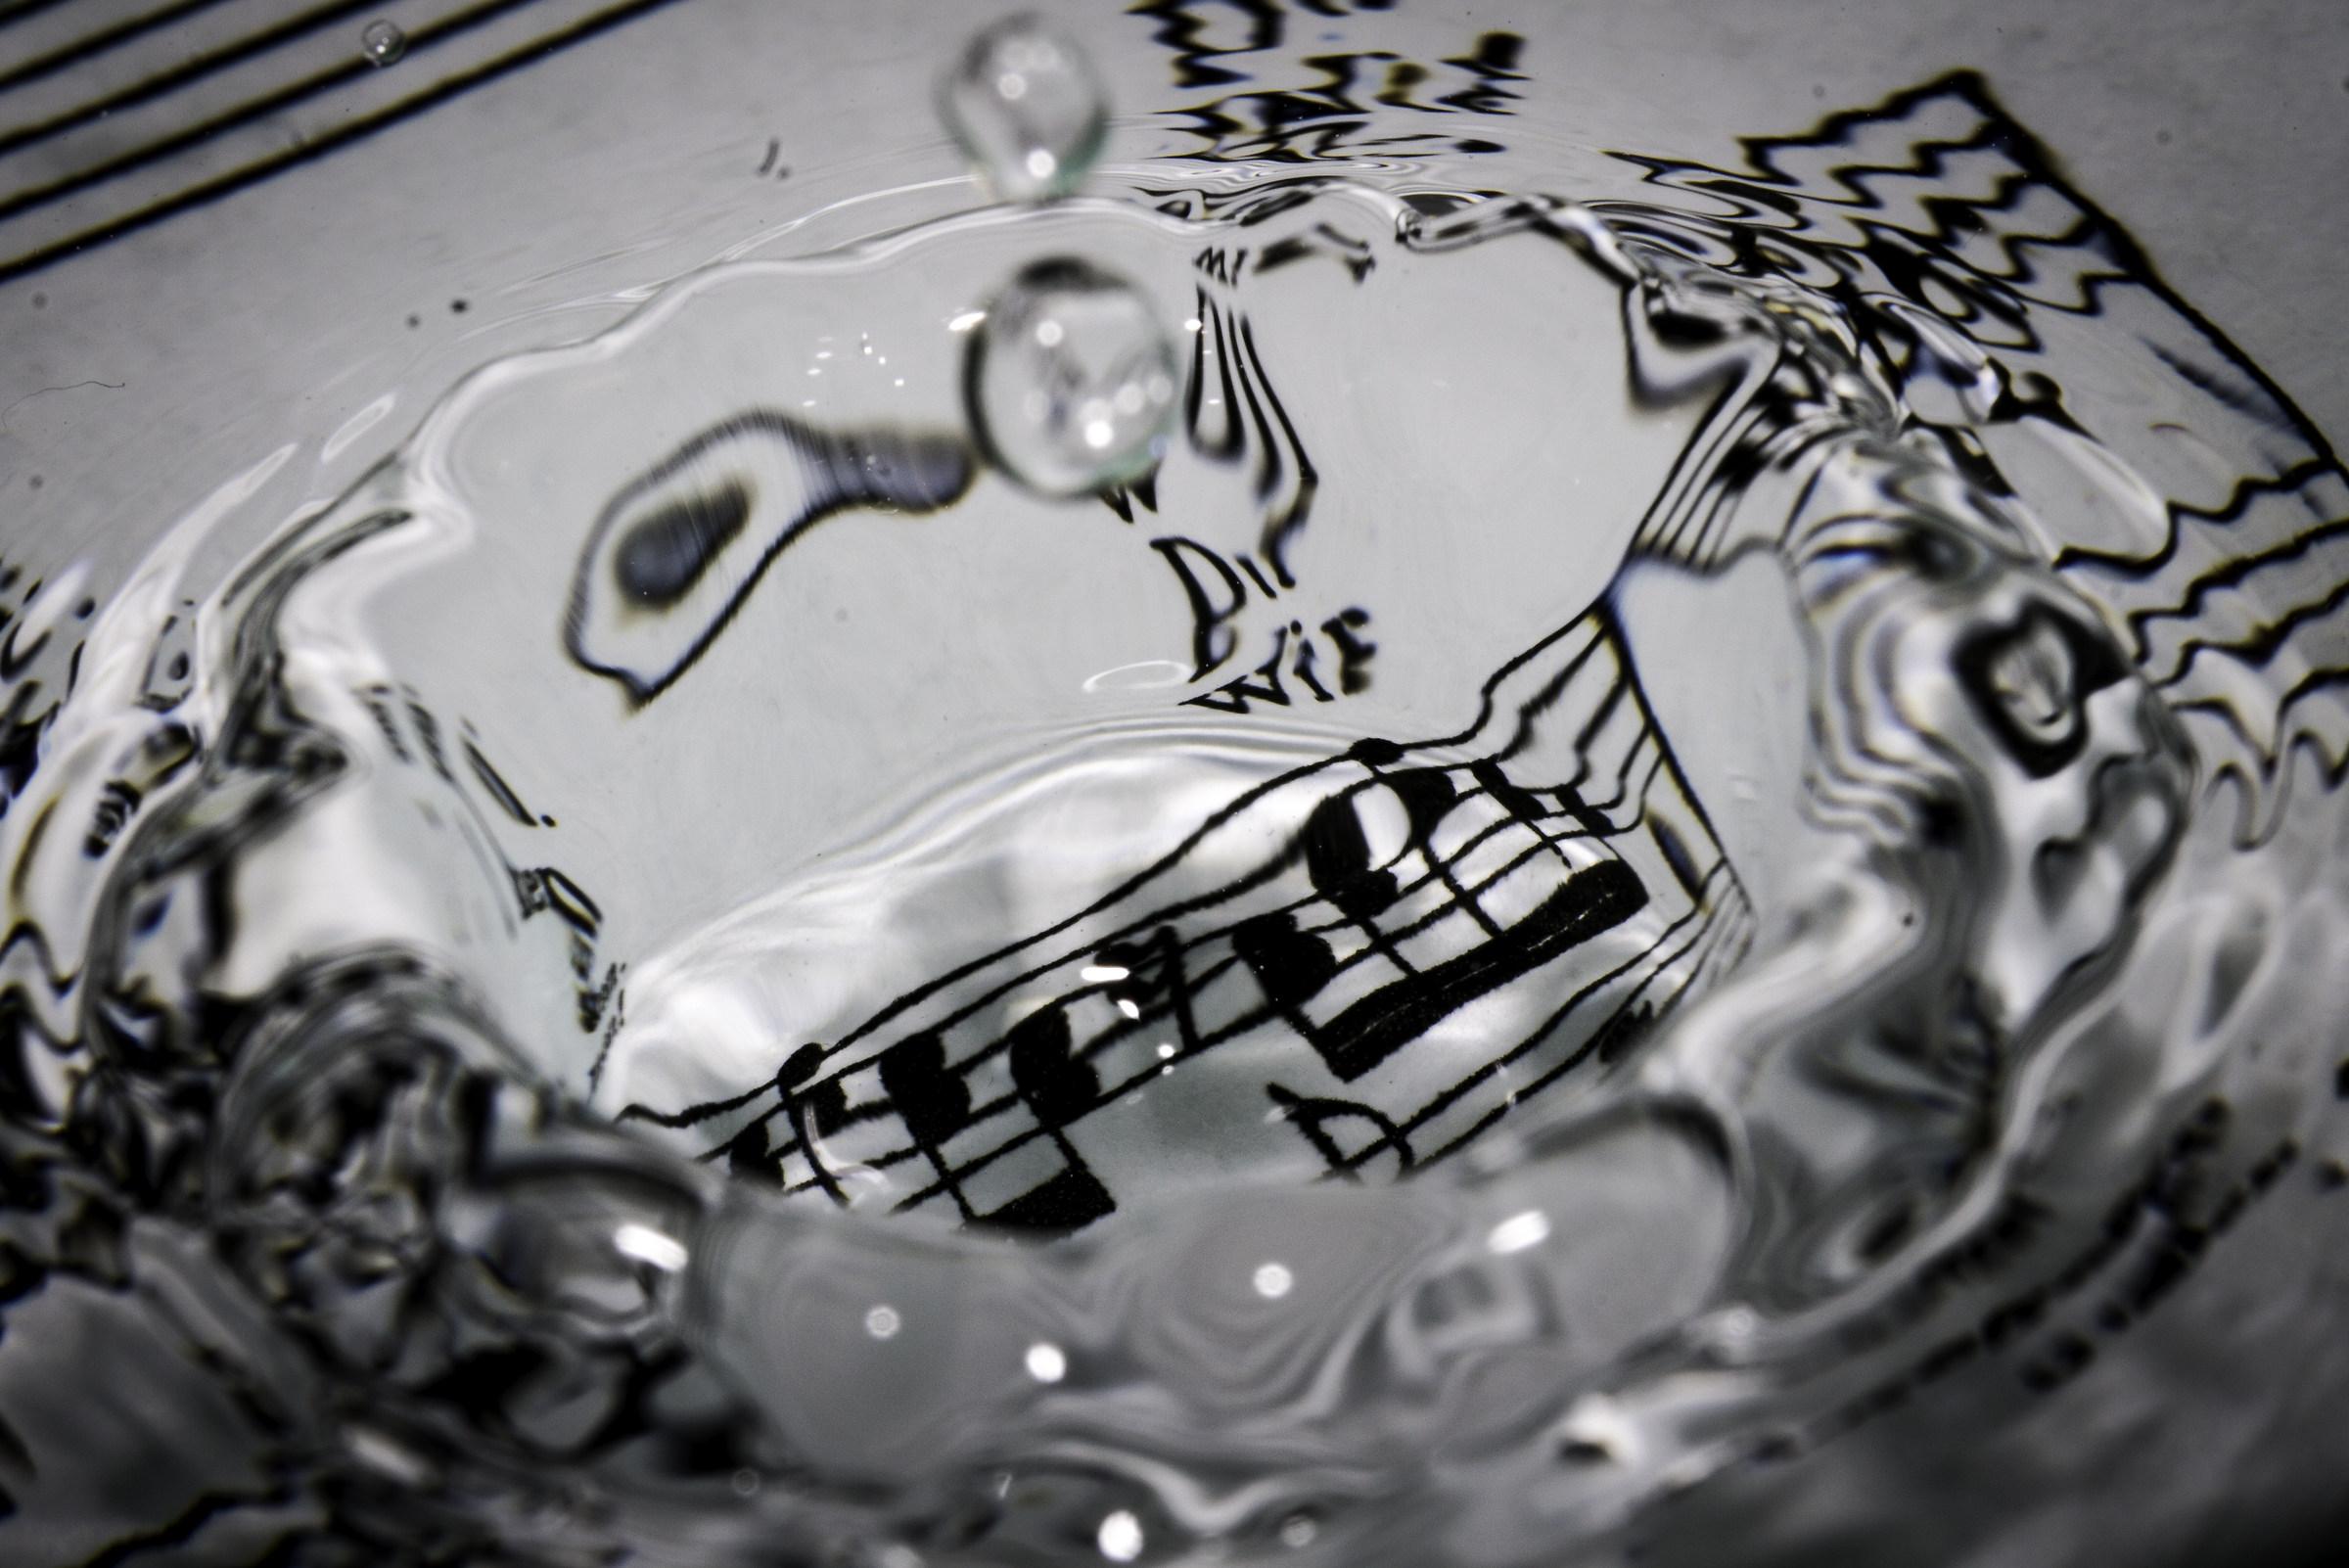 Sound waves...